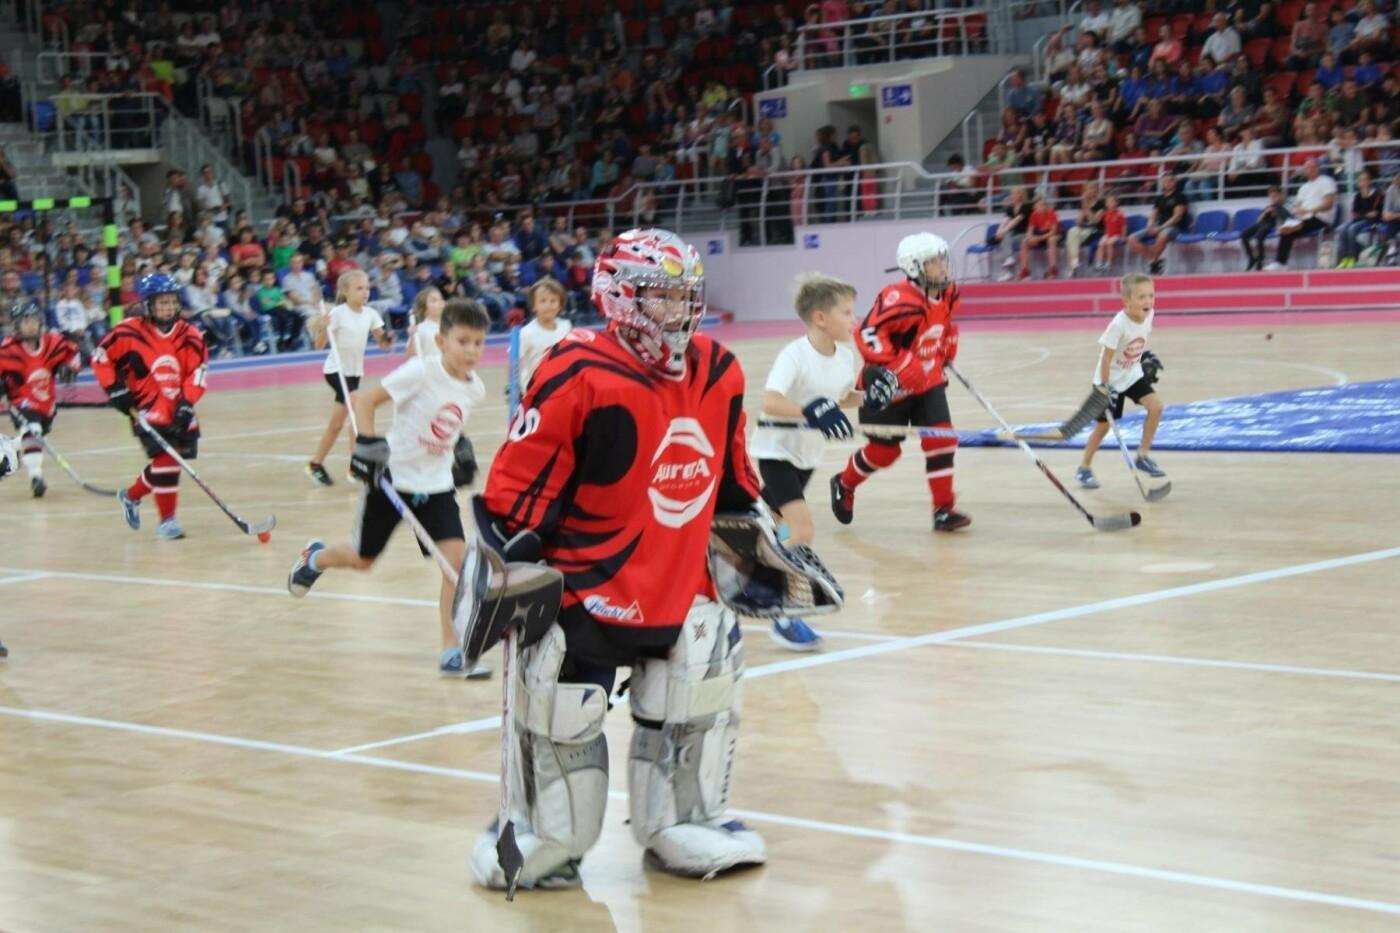 В «Юности» спортивные школы города показали шоу, - ФОТО, фото-1